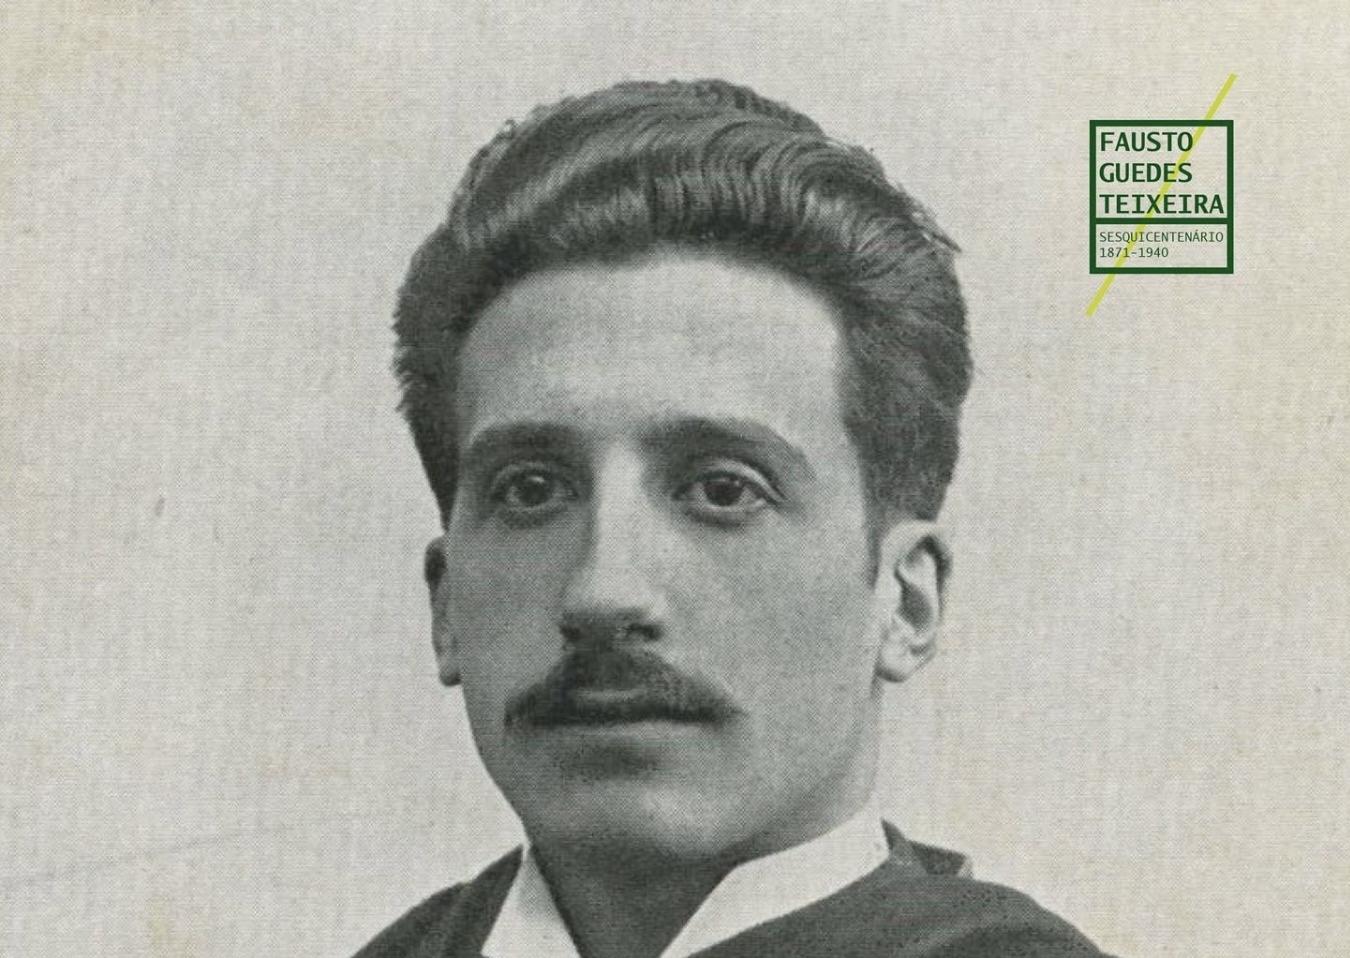 poeta Fausto Guedes Teixeira